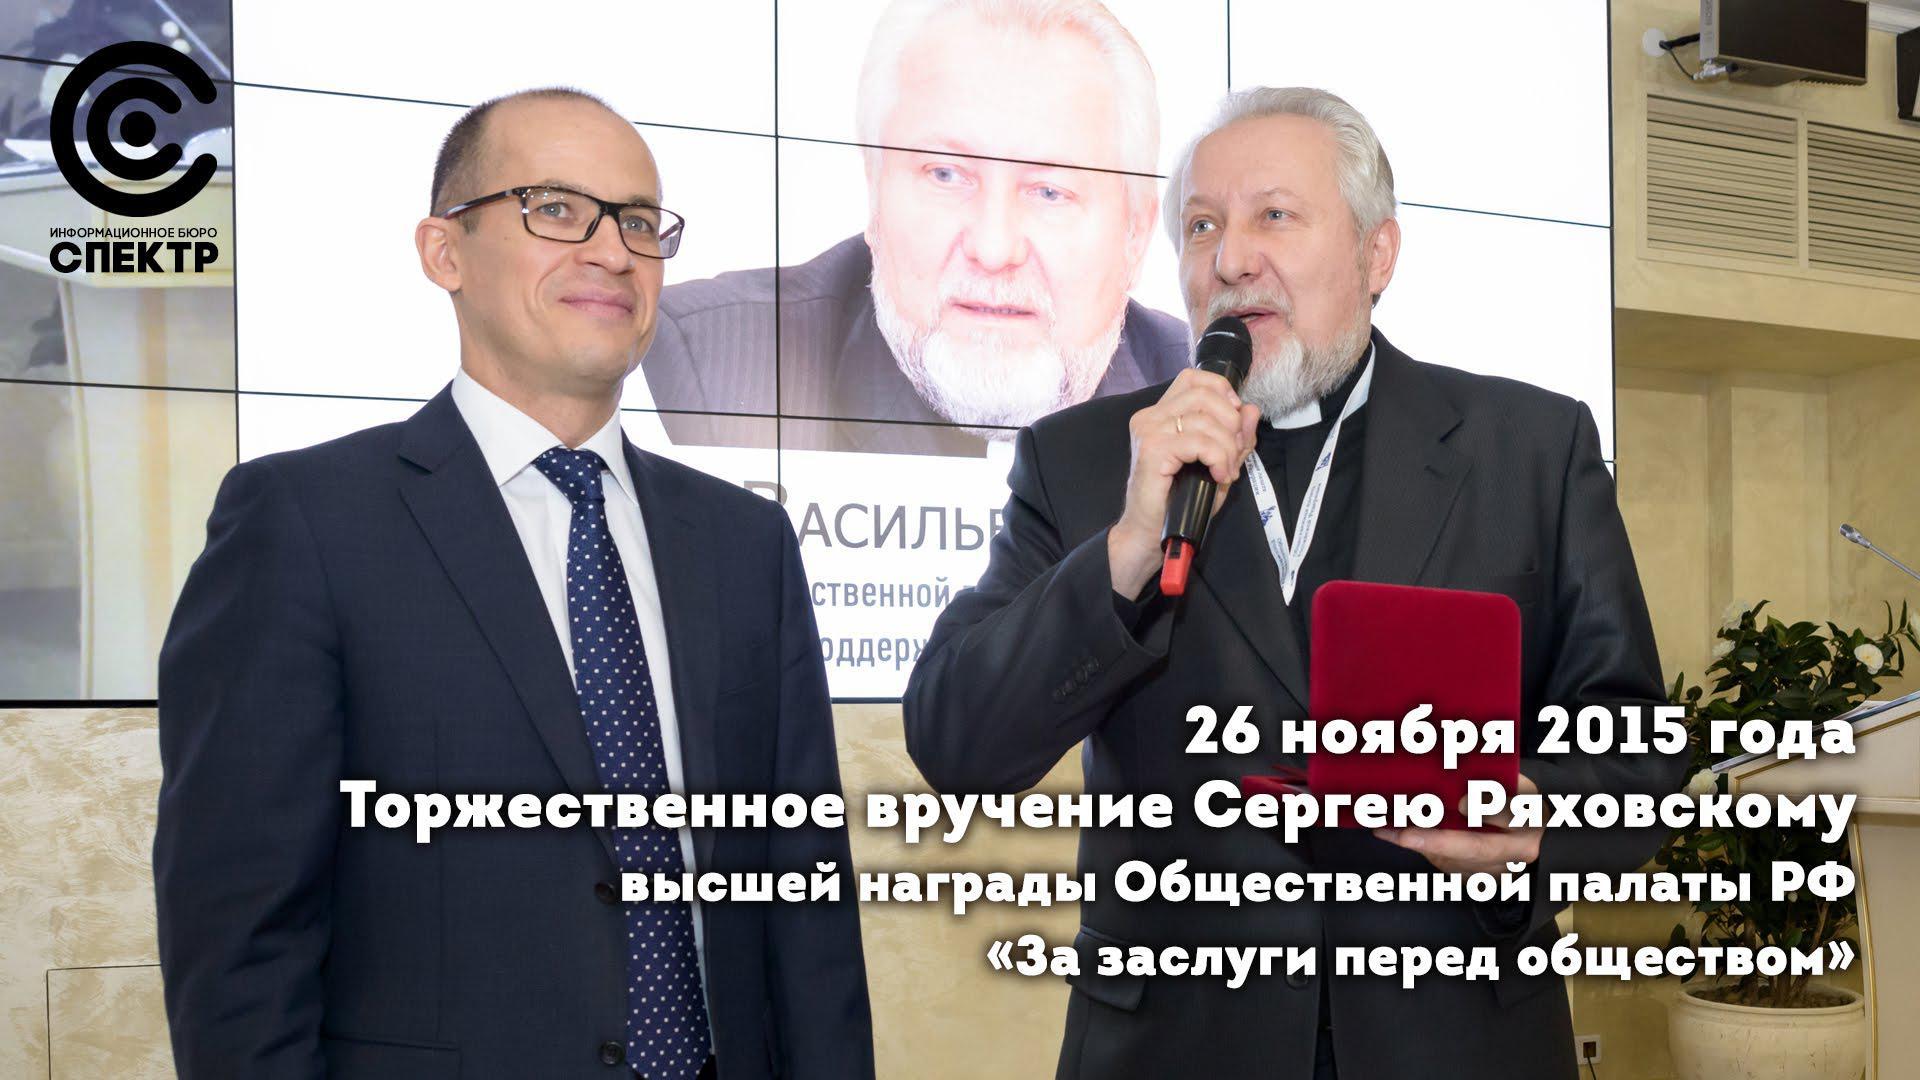 Embedded thumbnail for Торжественное вручение Сергею Ряховскому медали Общественной Палаты РФ «За заслуги перед обществом» 26 ноября 2015 года